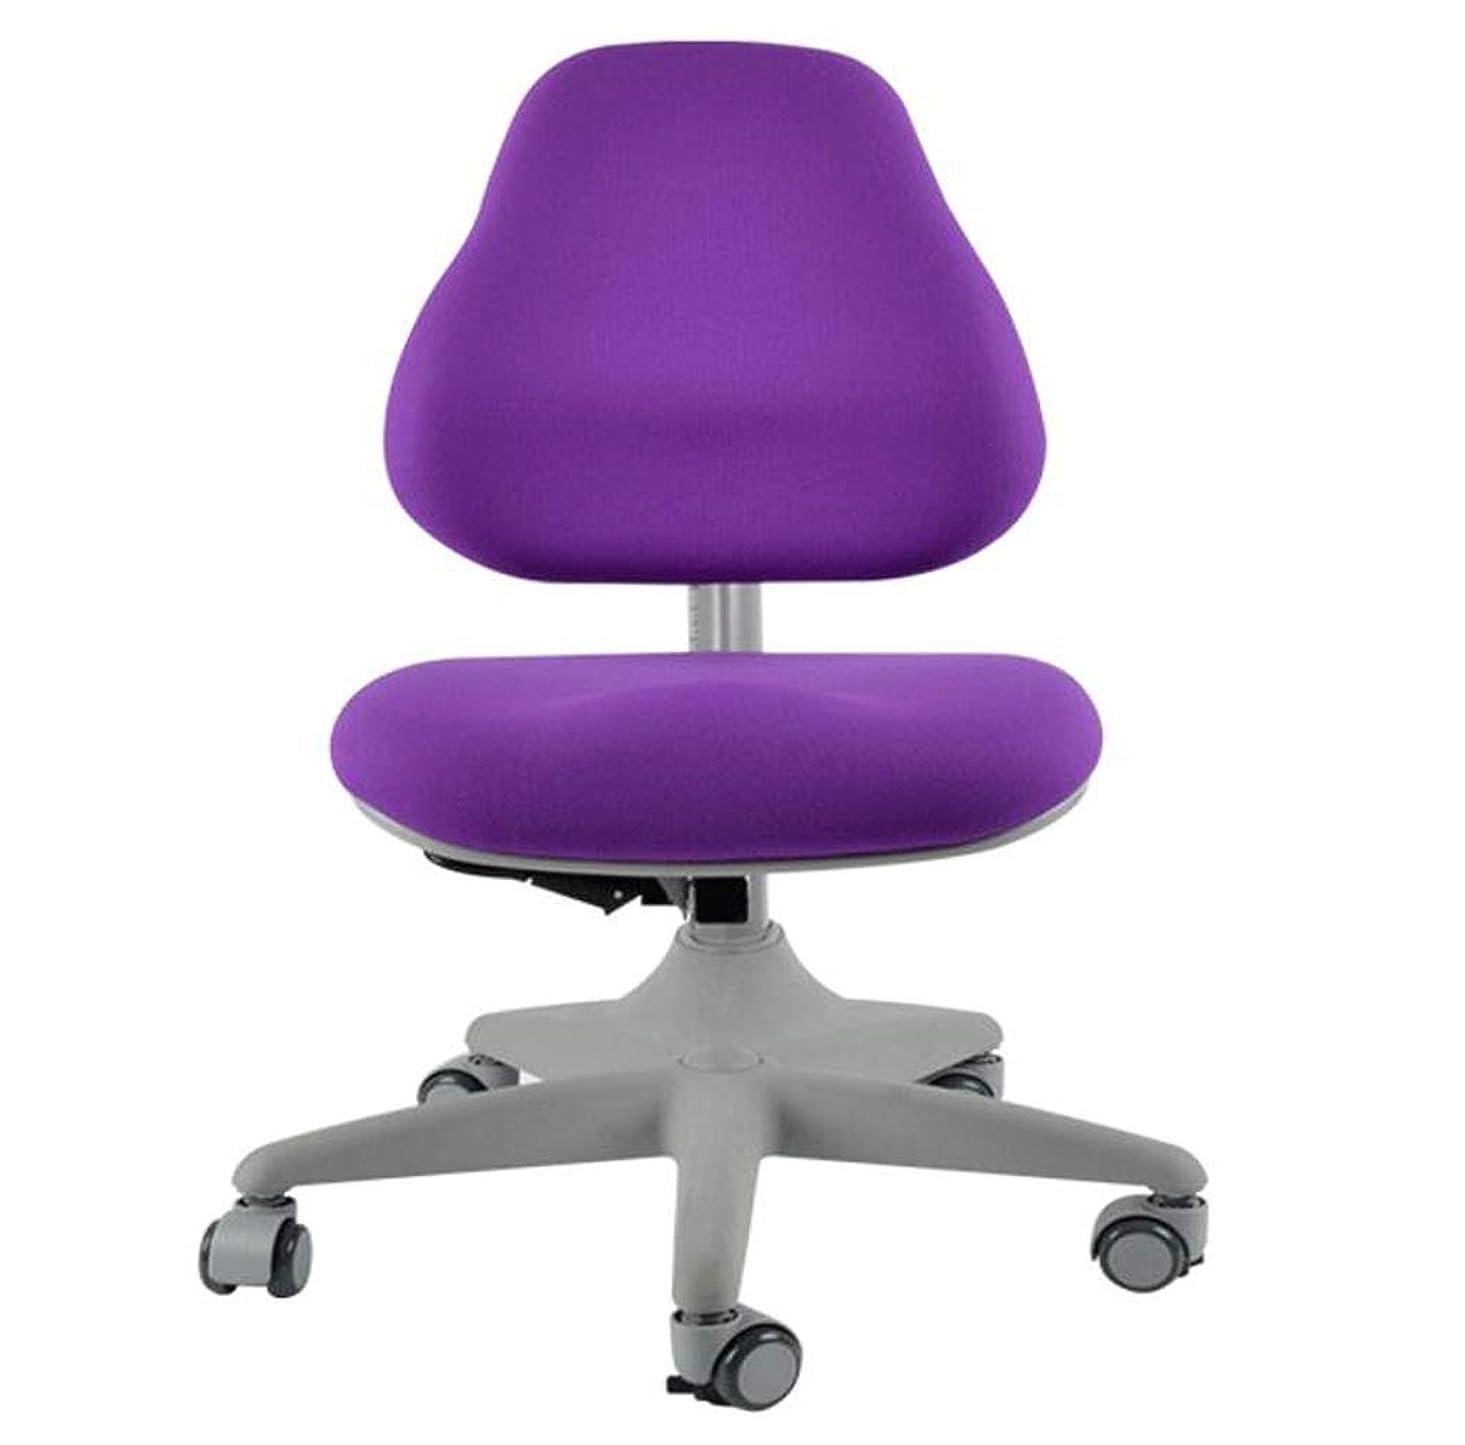 オペラセンチメンタルヒョウ子供用家具テーブルと椅子を昇降させることができます学習コンピュータオフィス椅子子供成長椅子パープル